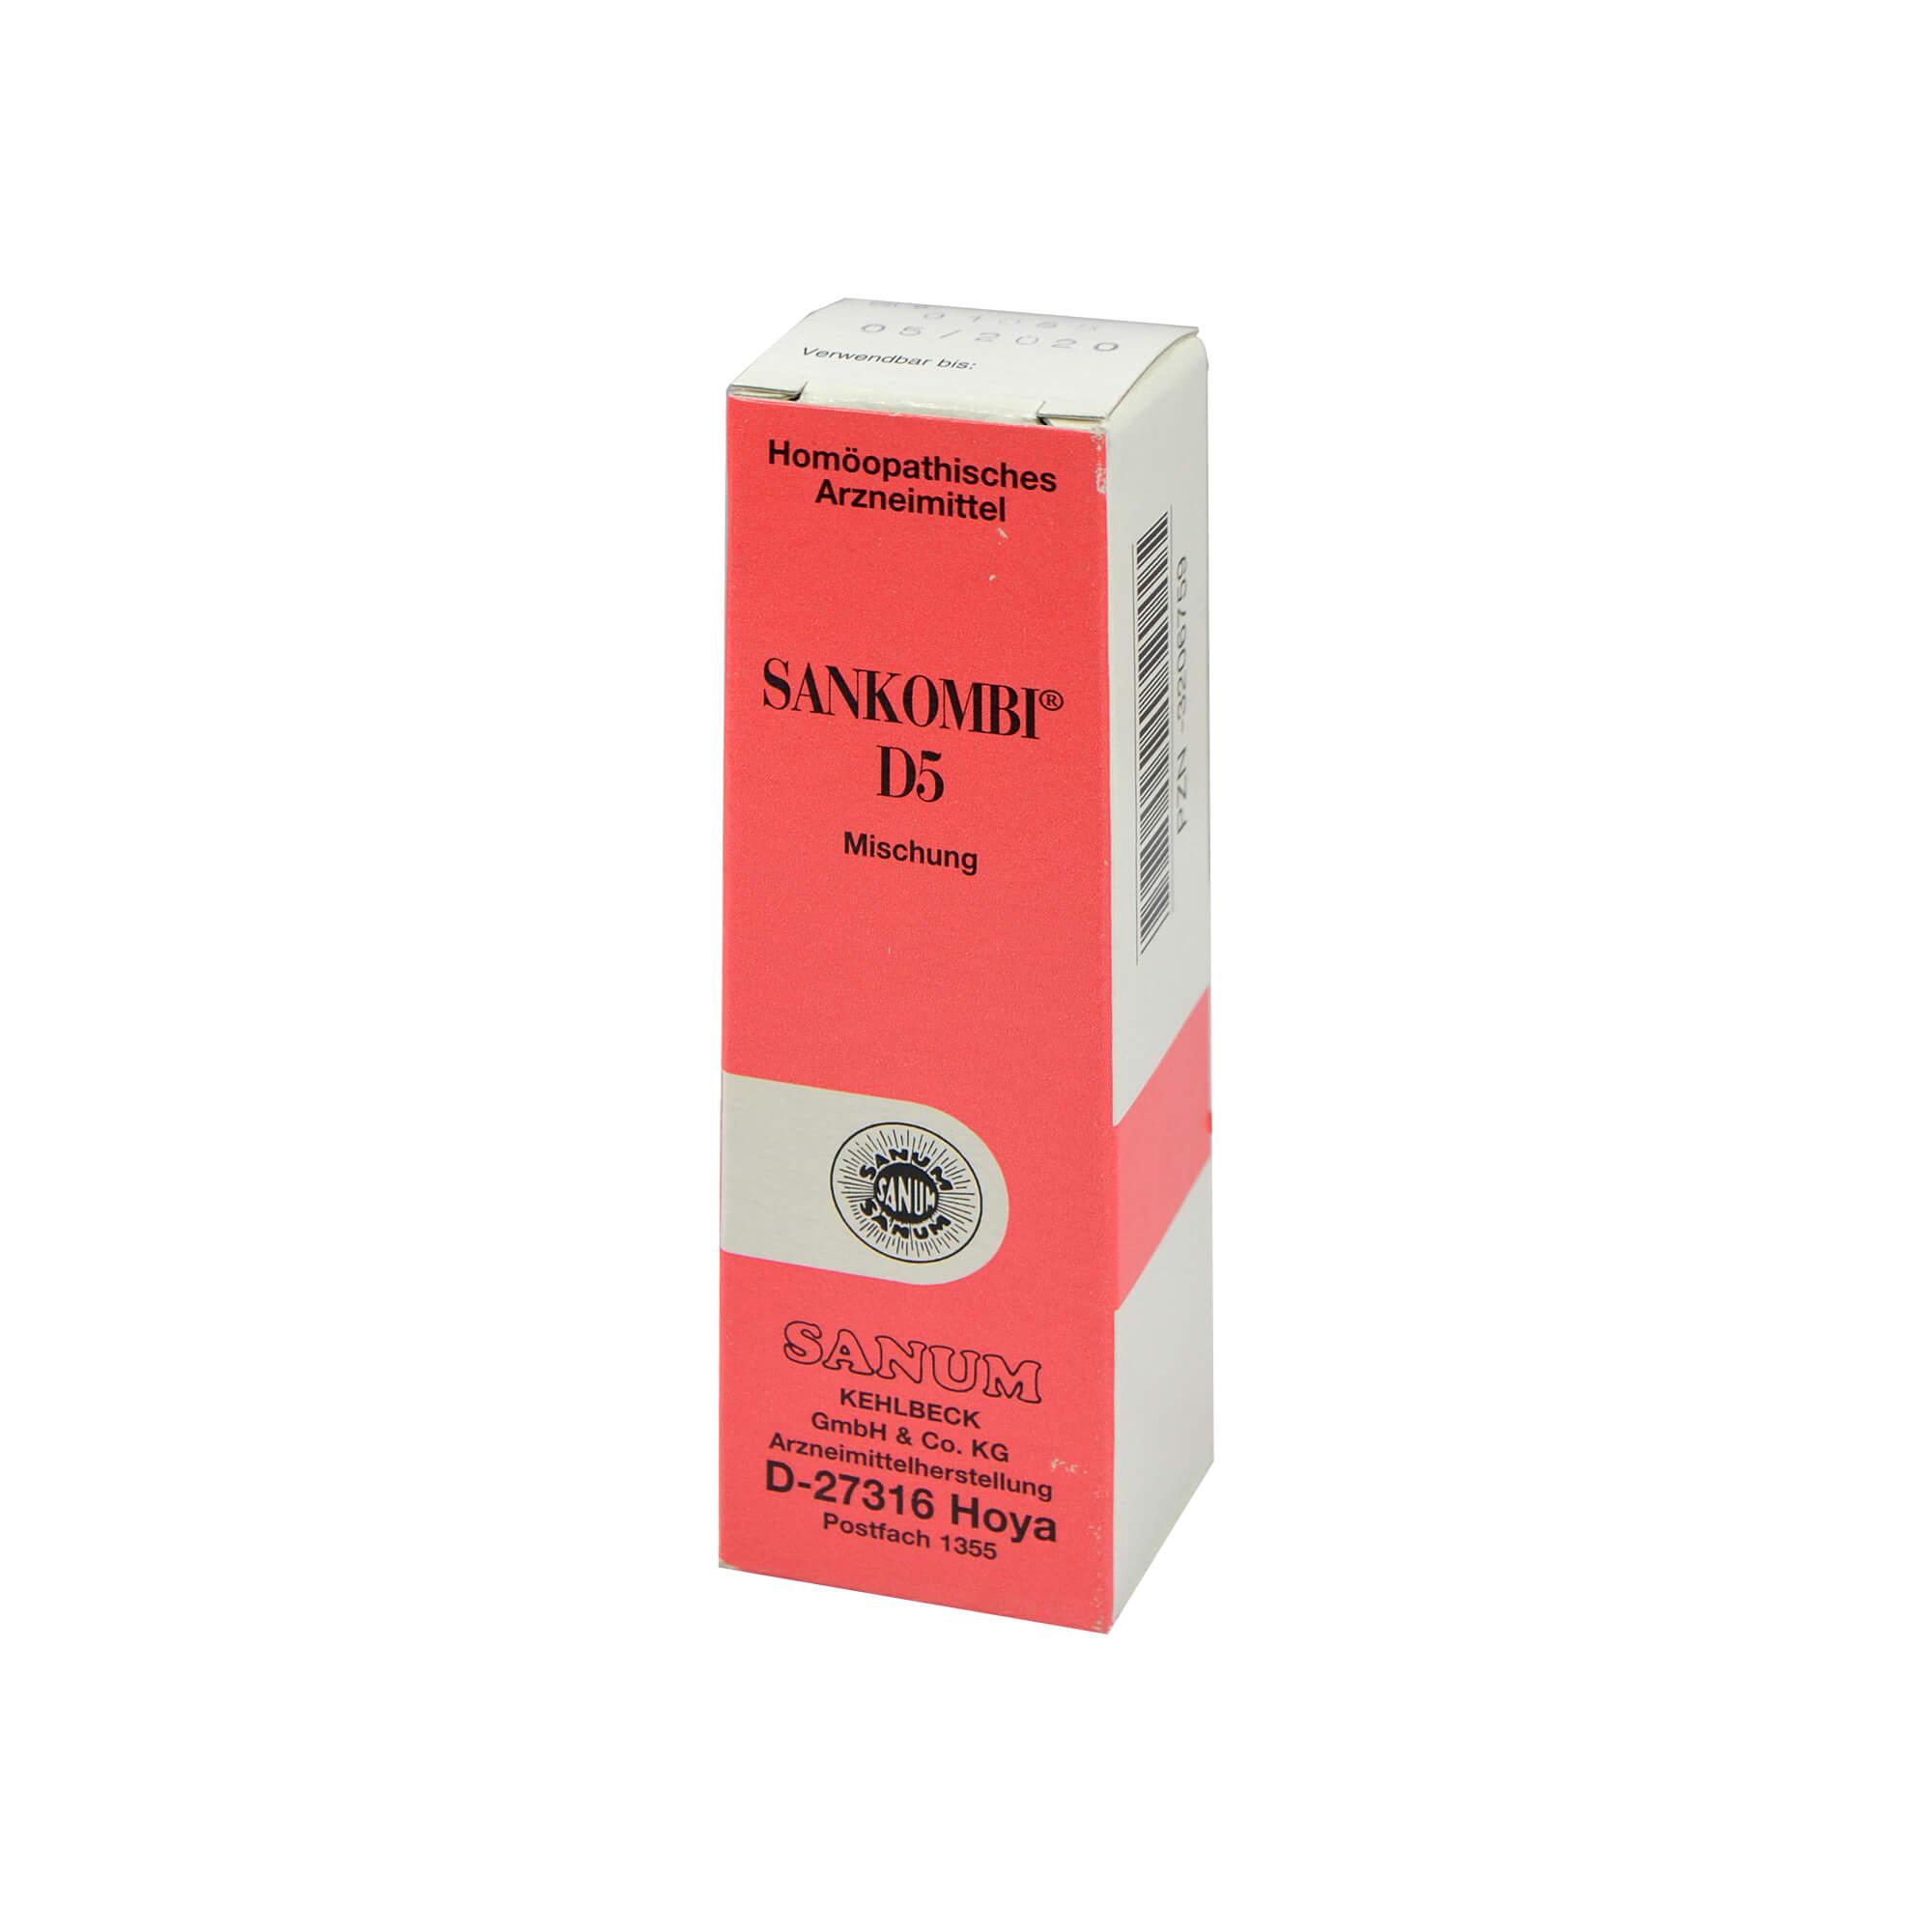 SANKOMBI D 5